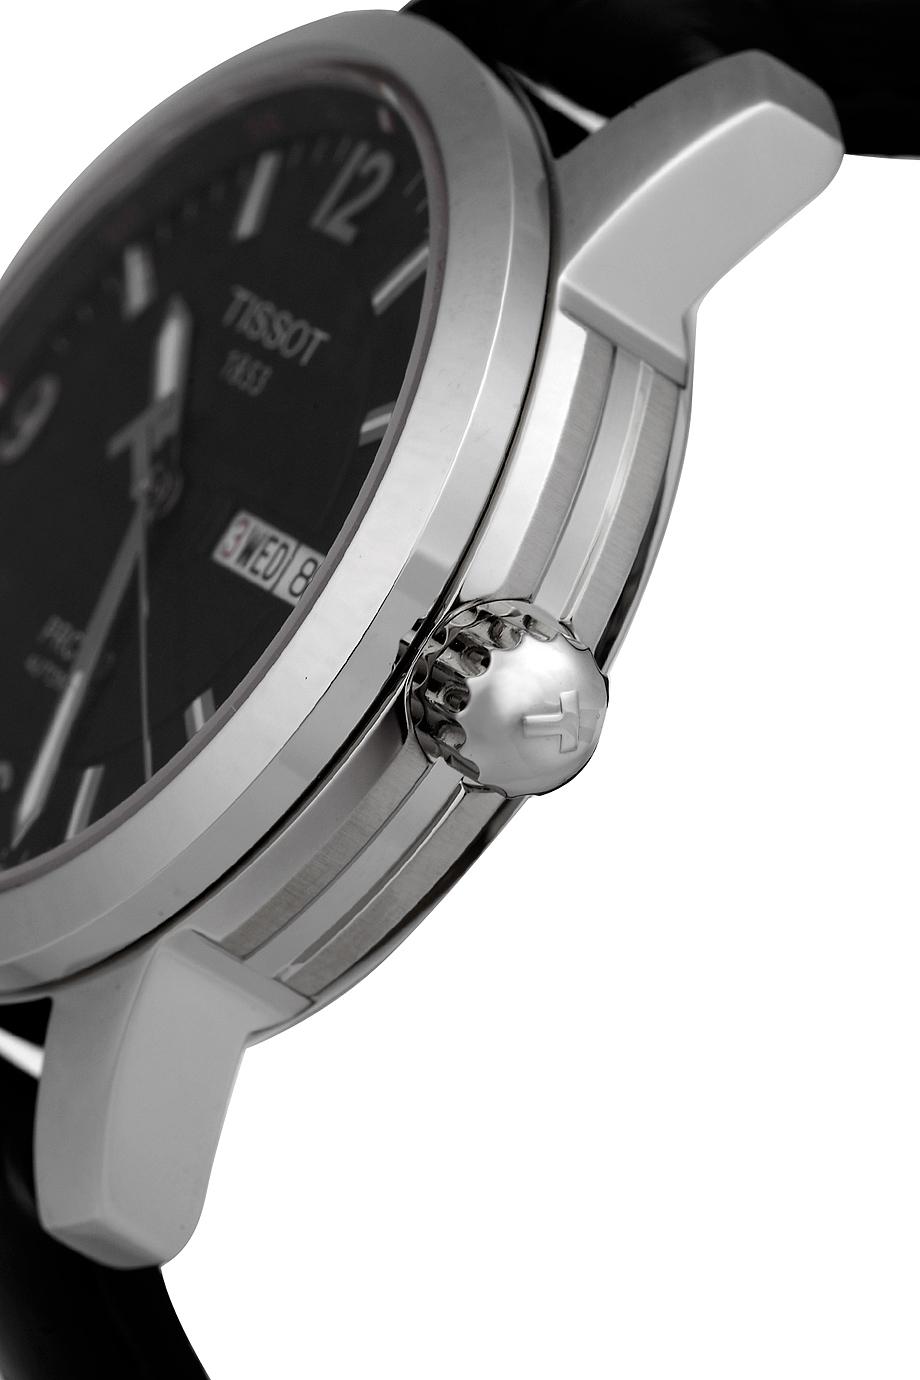 Đồng hồ cơ Tissot 1853 T014.430.16.057.00 chốt viền khắc